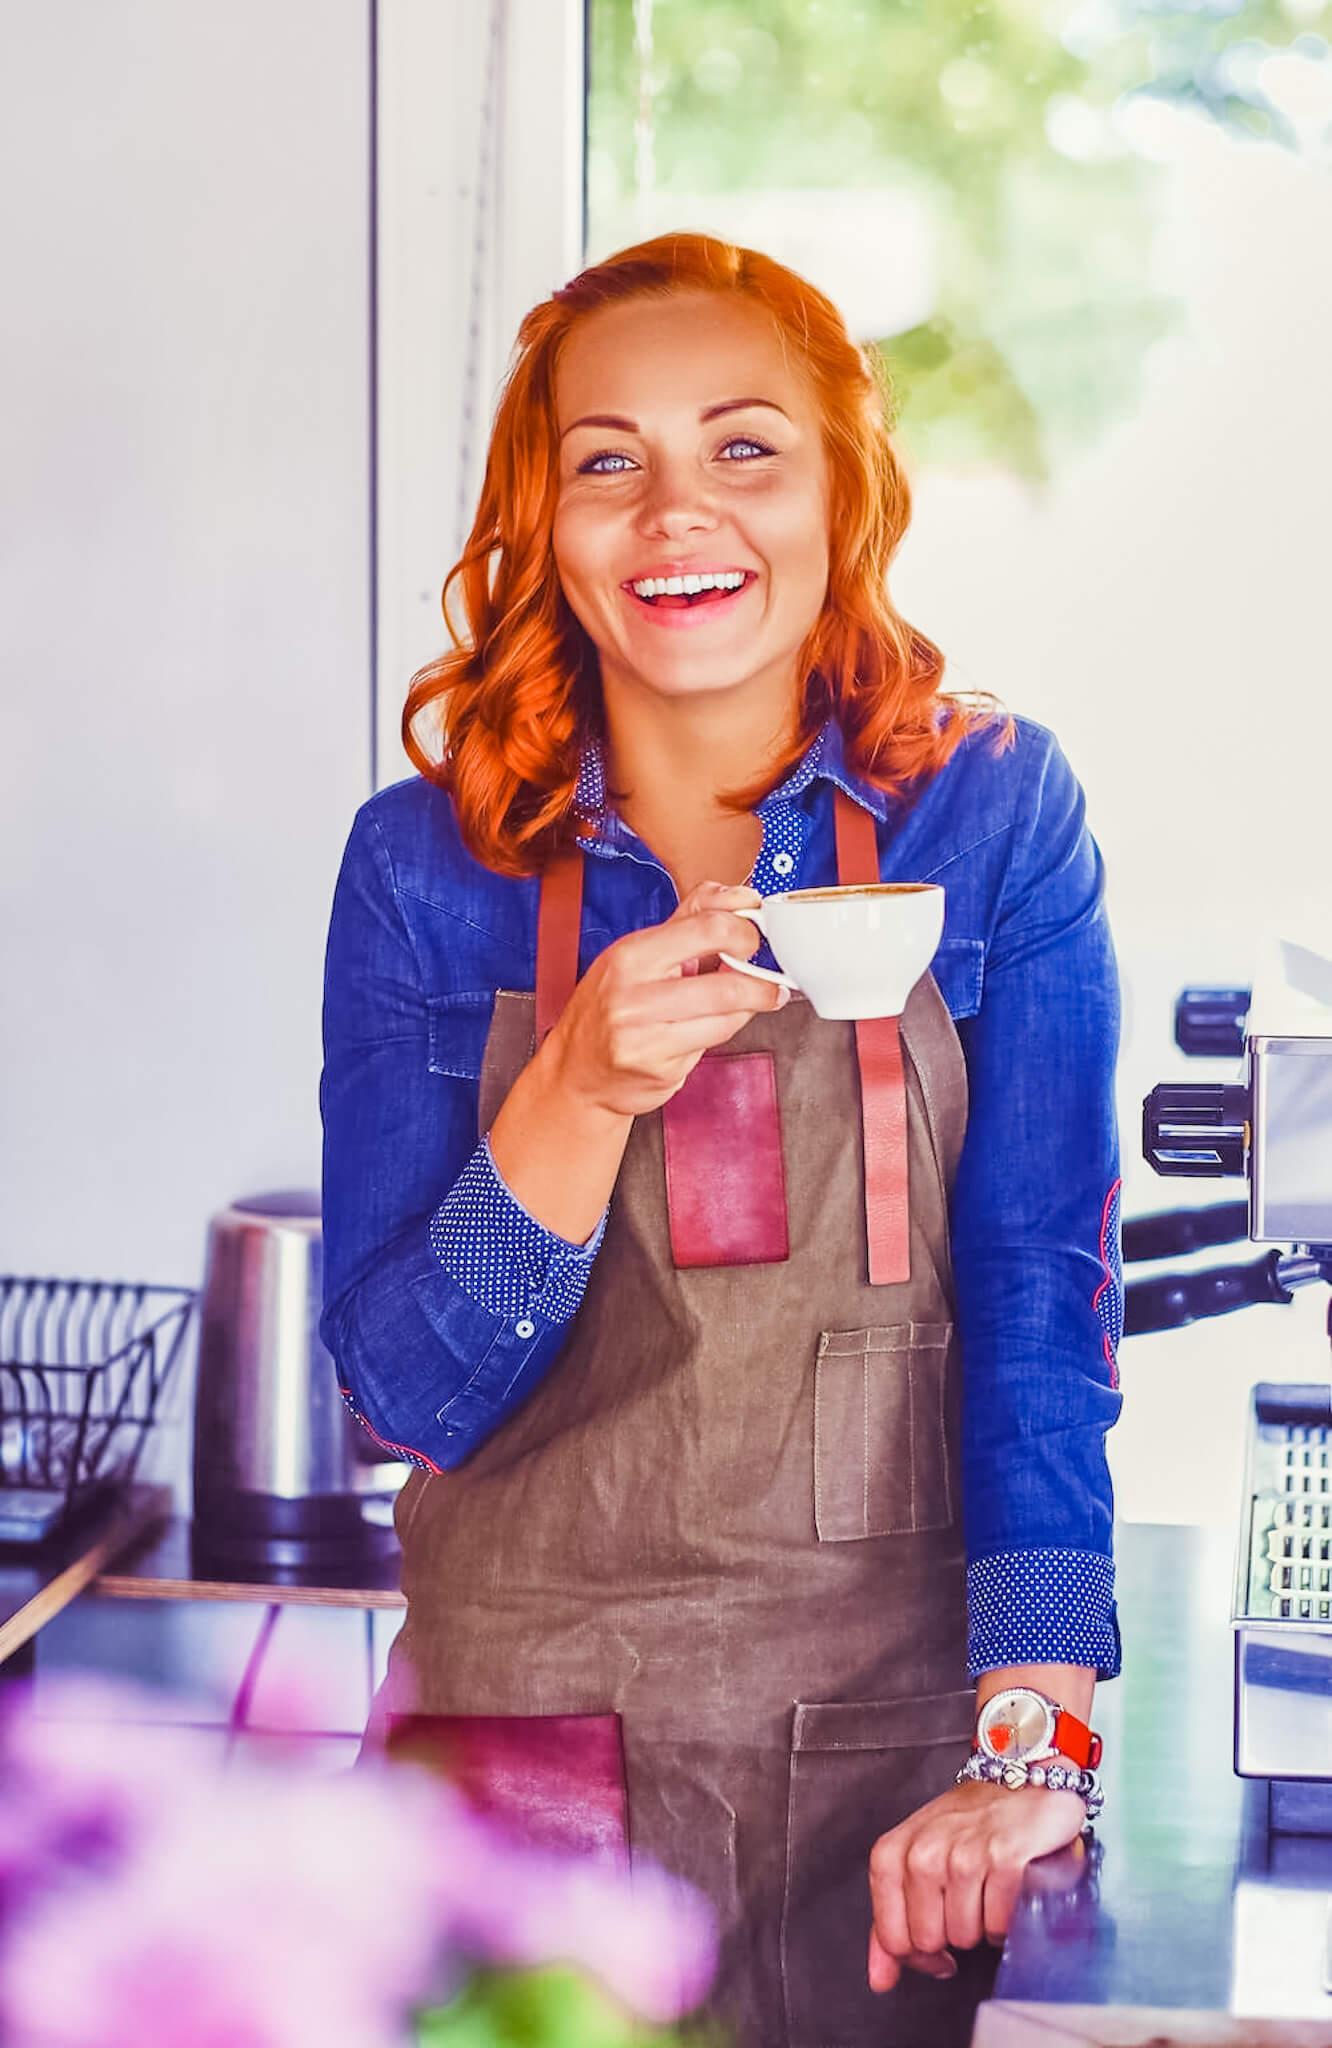 Cafe Owener smiling.